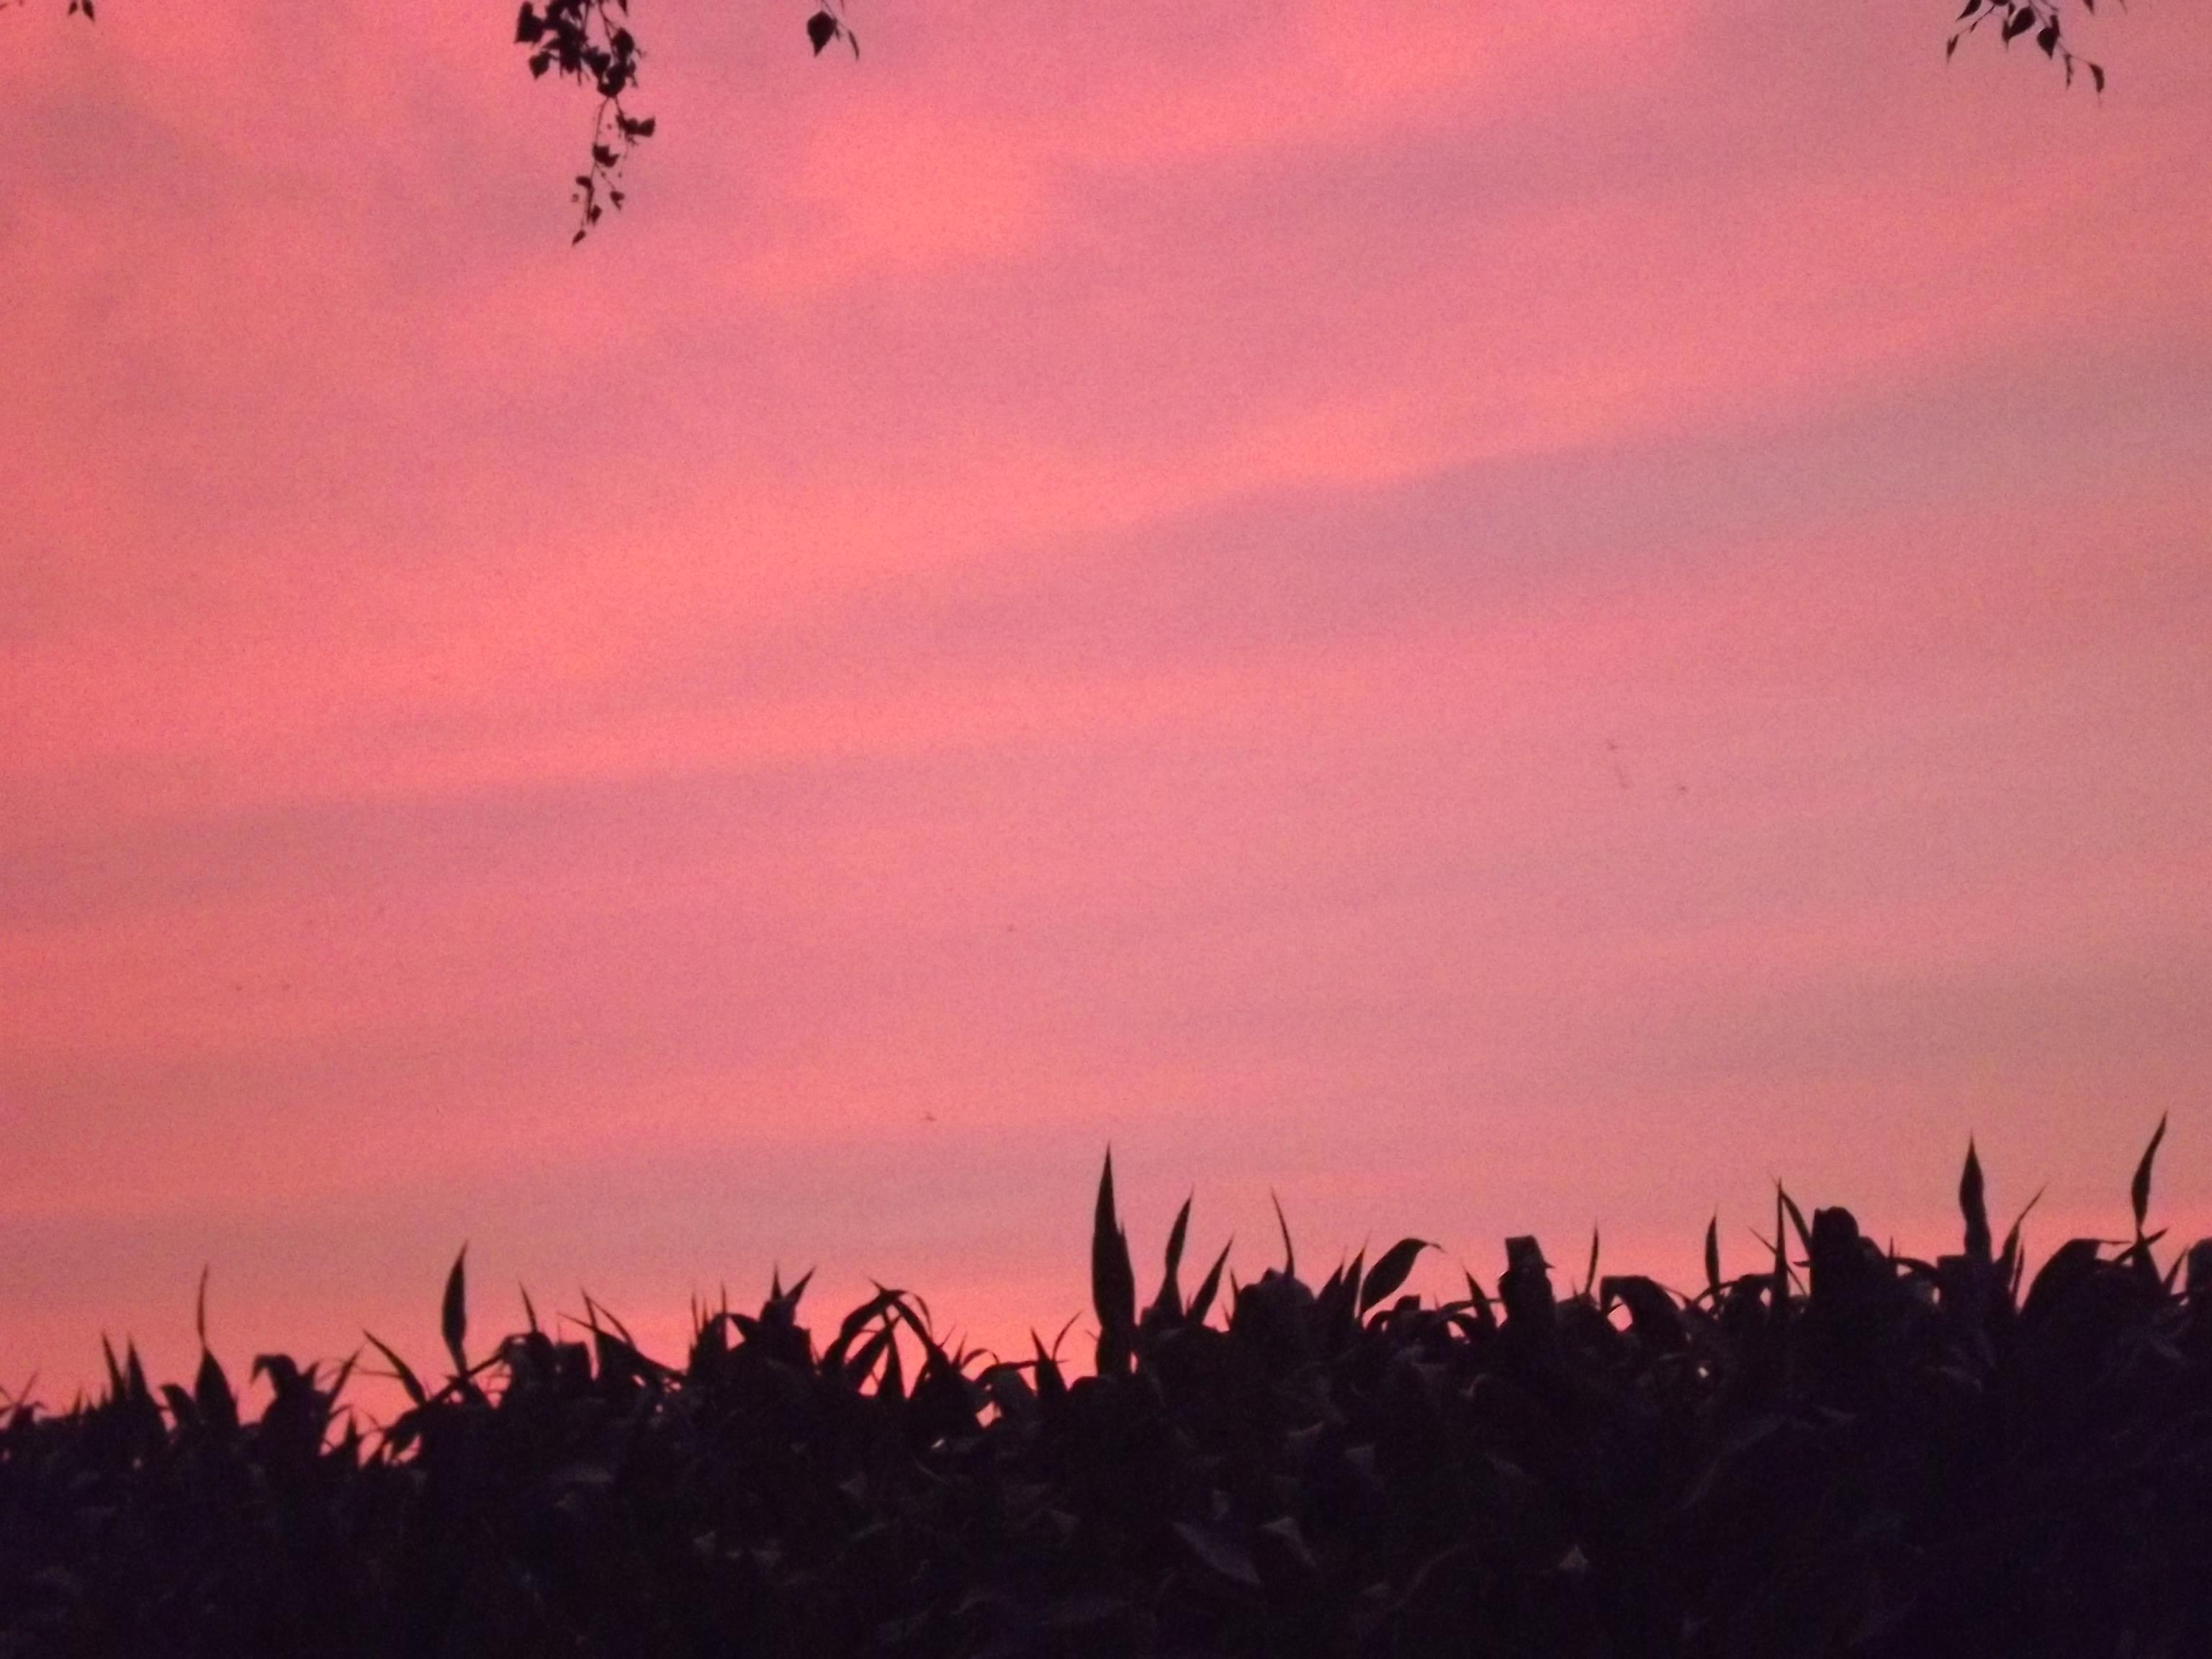 6270-himmel-wolken-rosa-blau-silhouette